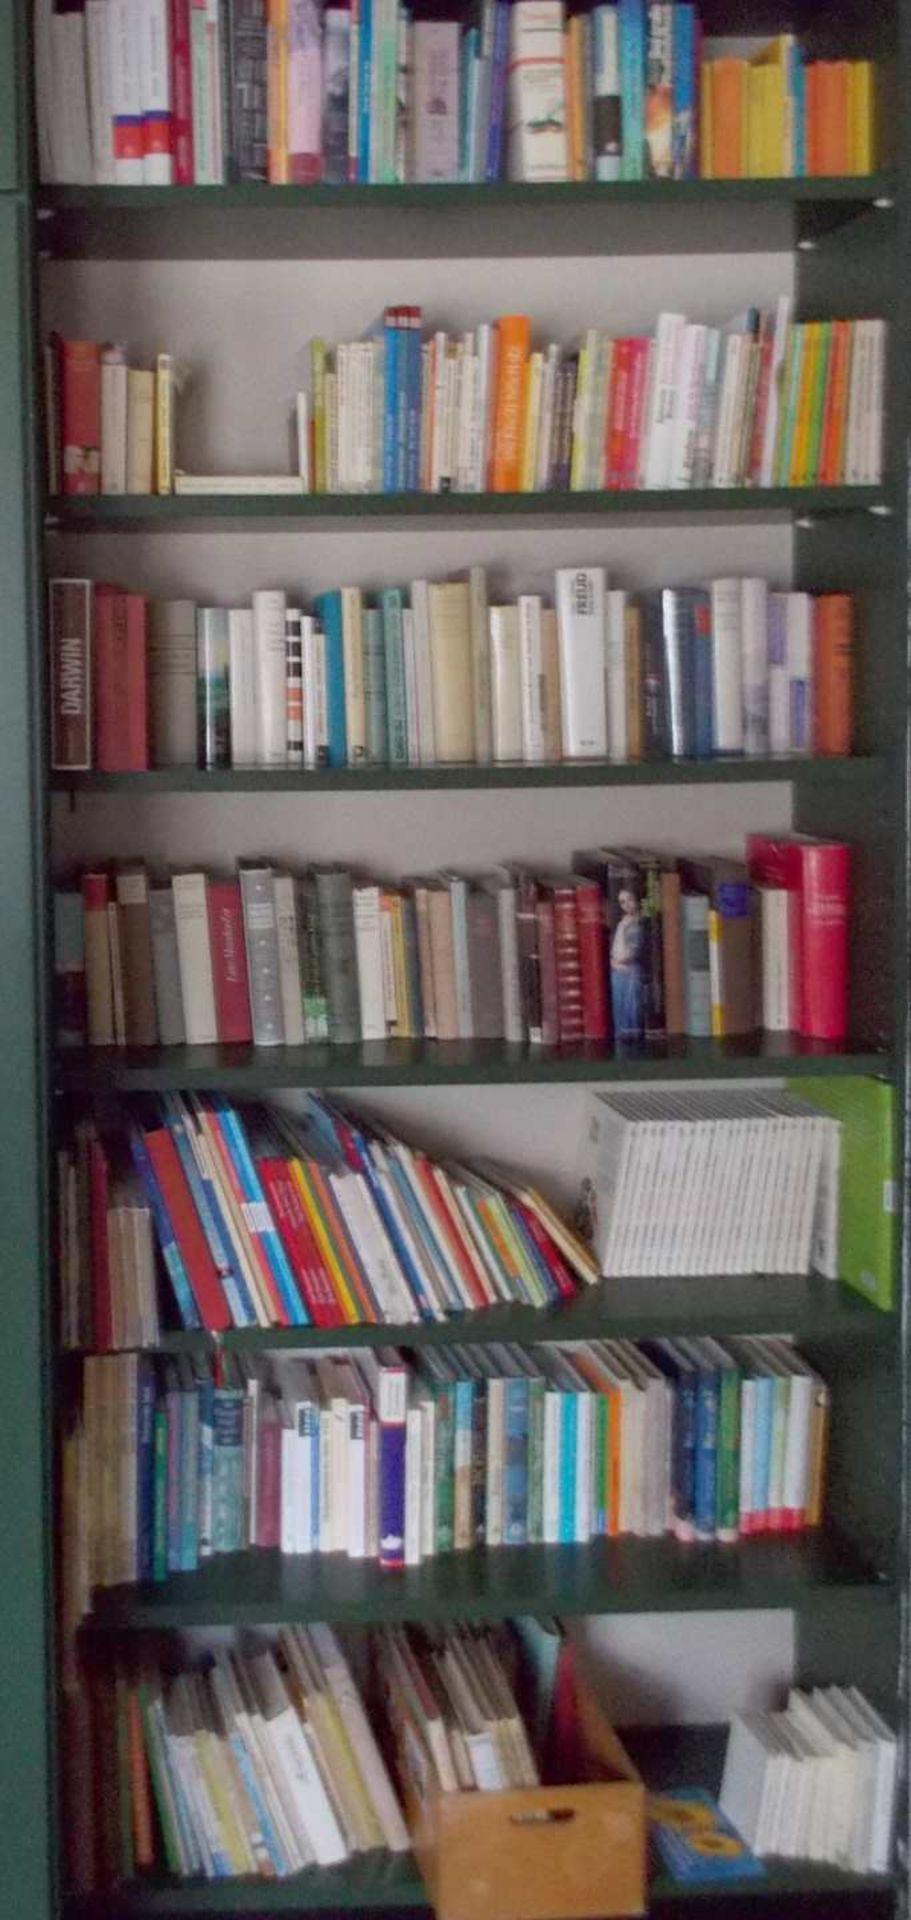 1 Bibliothek bestehend aus ca. 1000 Büchern nztl. Bildbände, Religion und Theologie, - Bild 6 aus 8